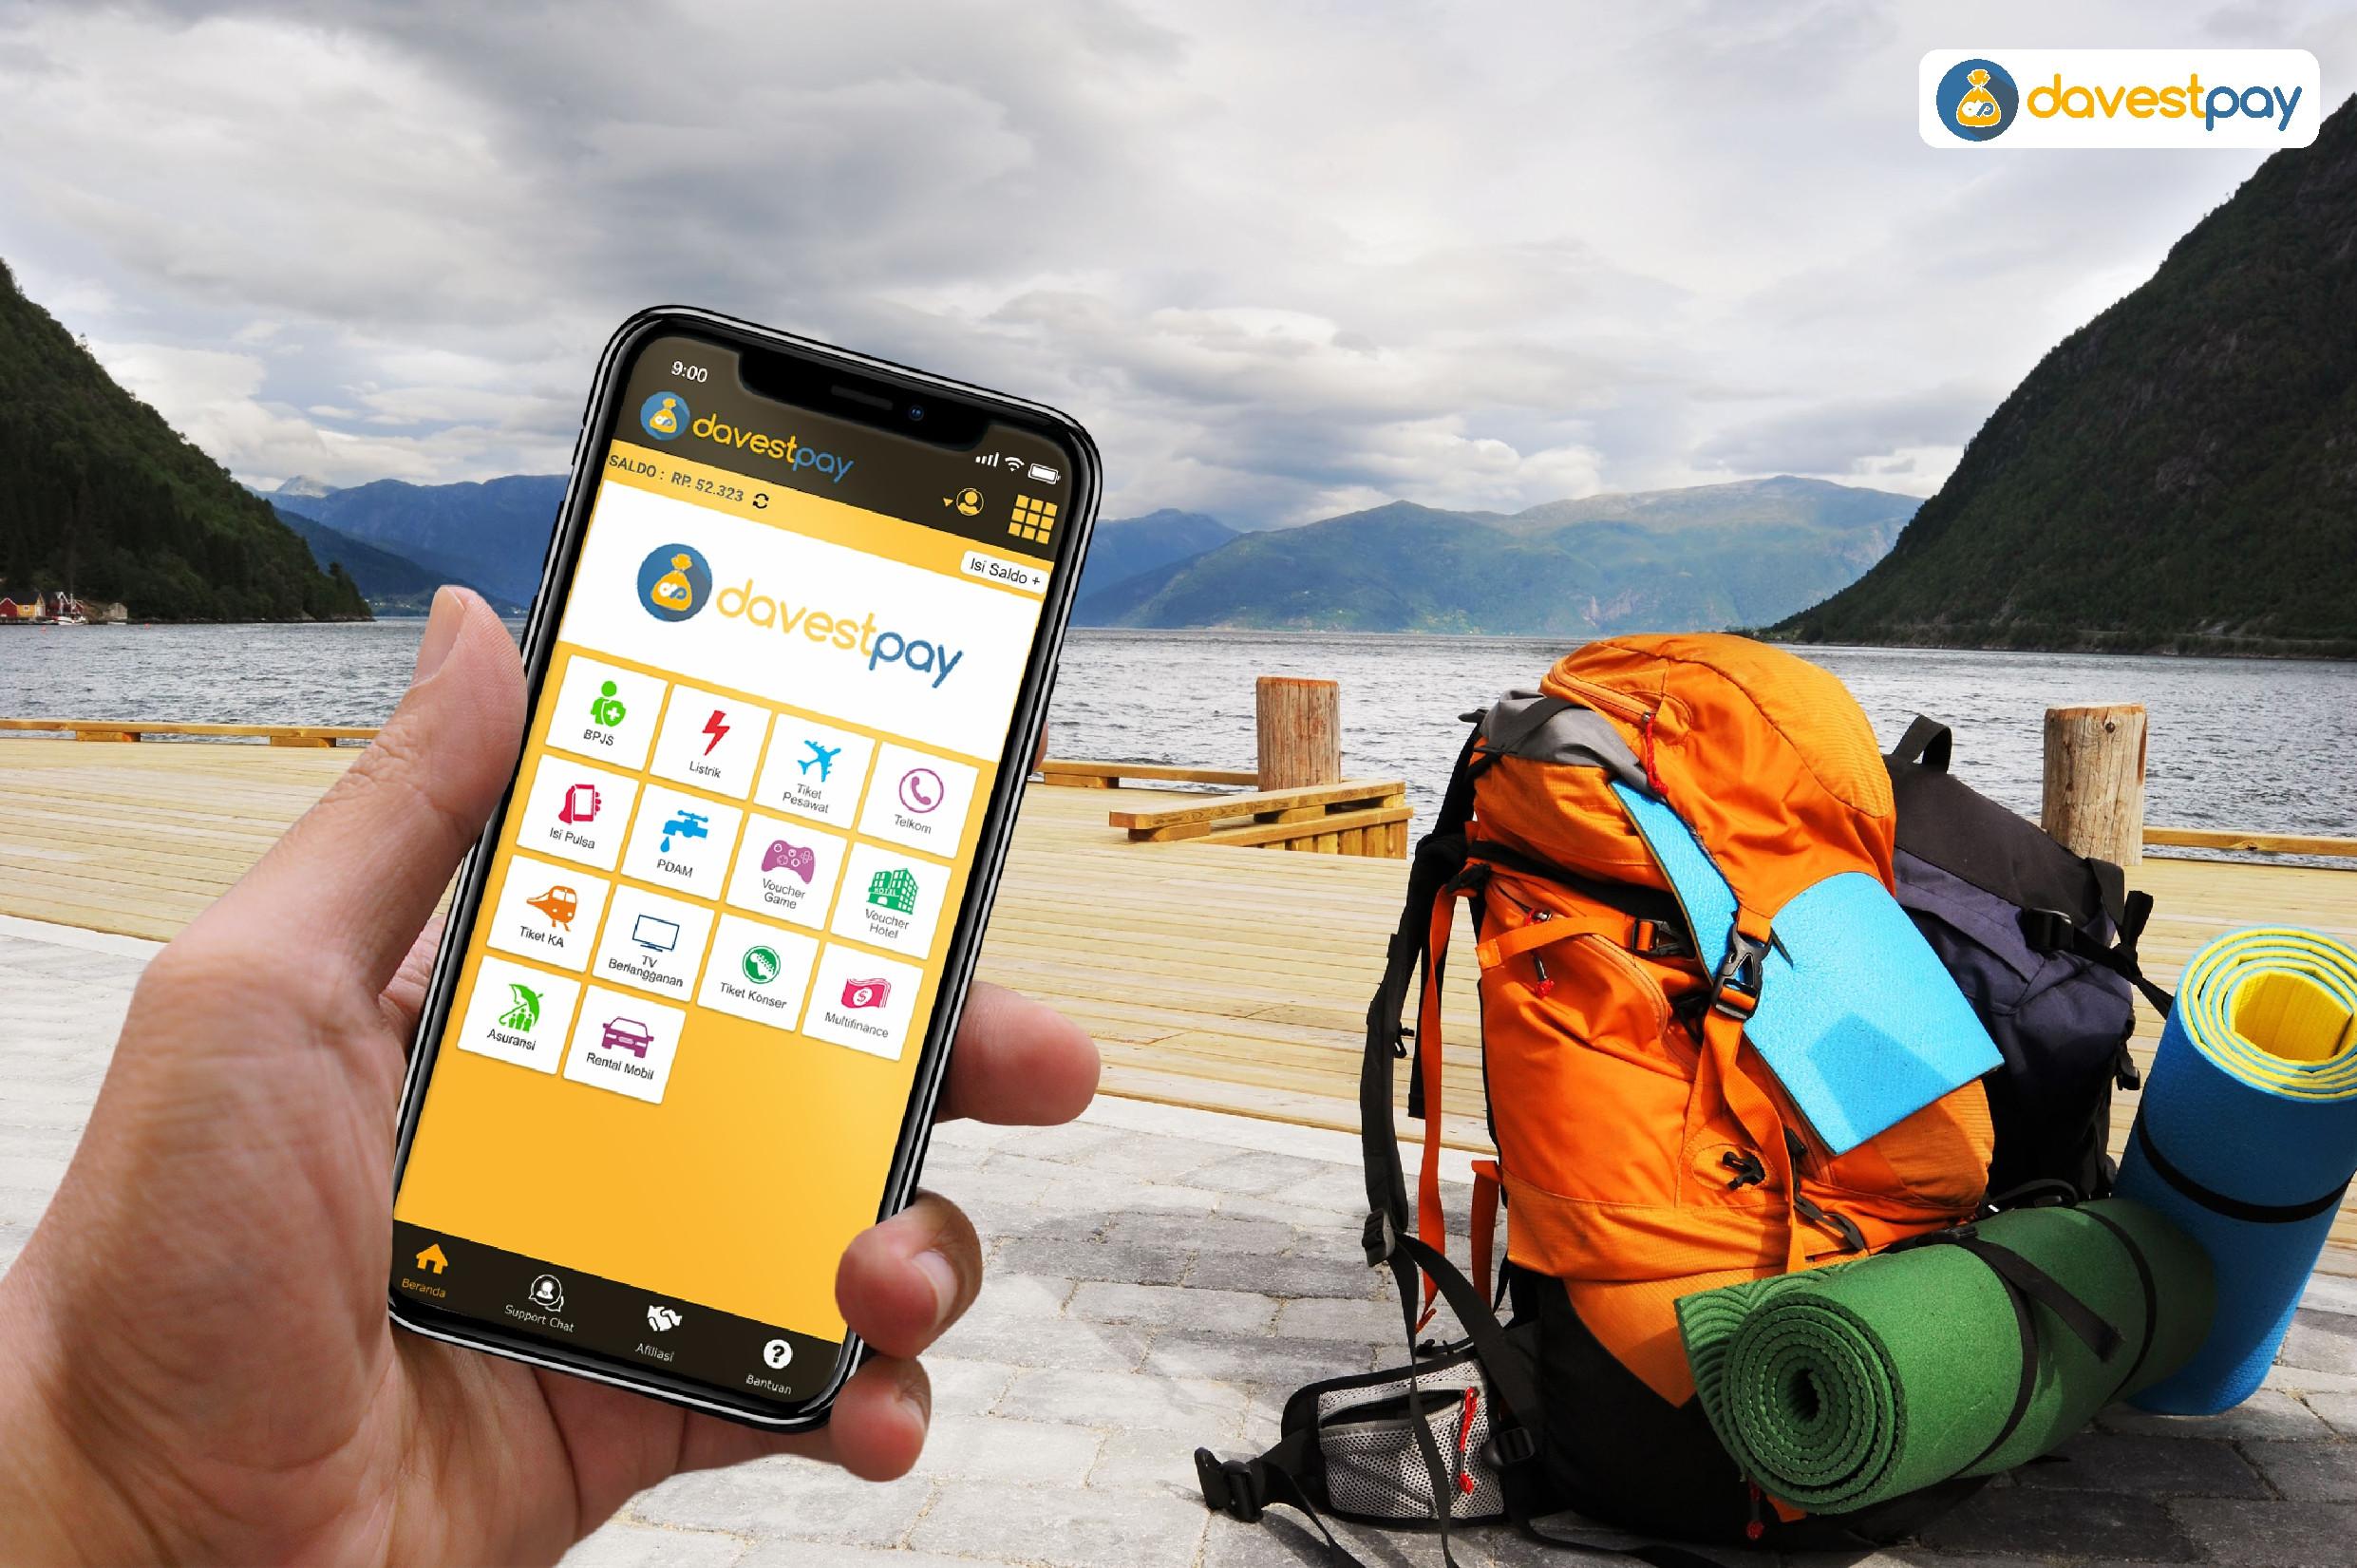 Simak Aplikasi yang Wajib Dimiliki Bagi Pelancong !